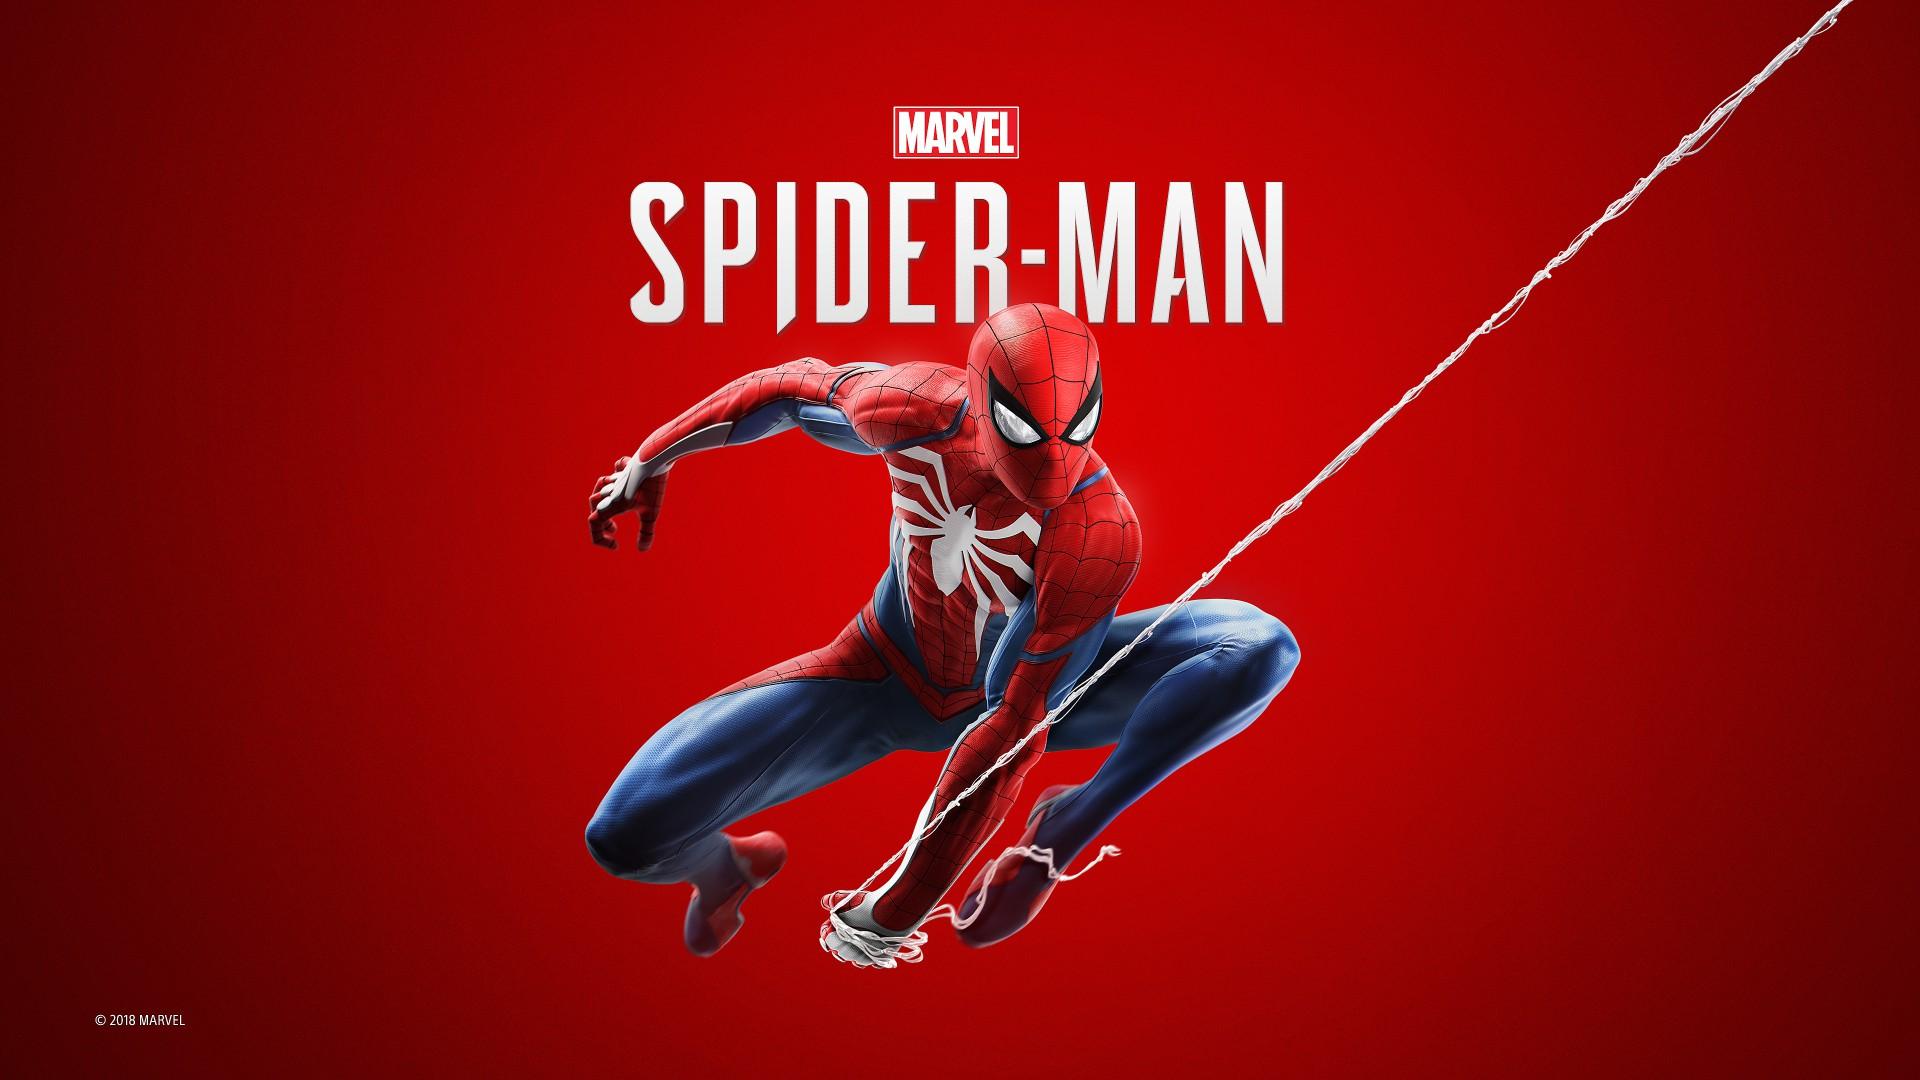 索尼宣布收购 Insomniac Games 工作室 《漫威蜘蛛侠:年度版》曝光